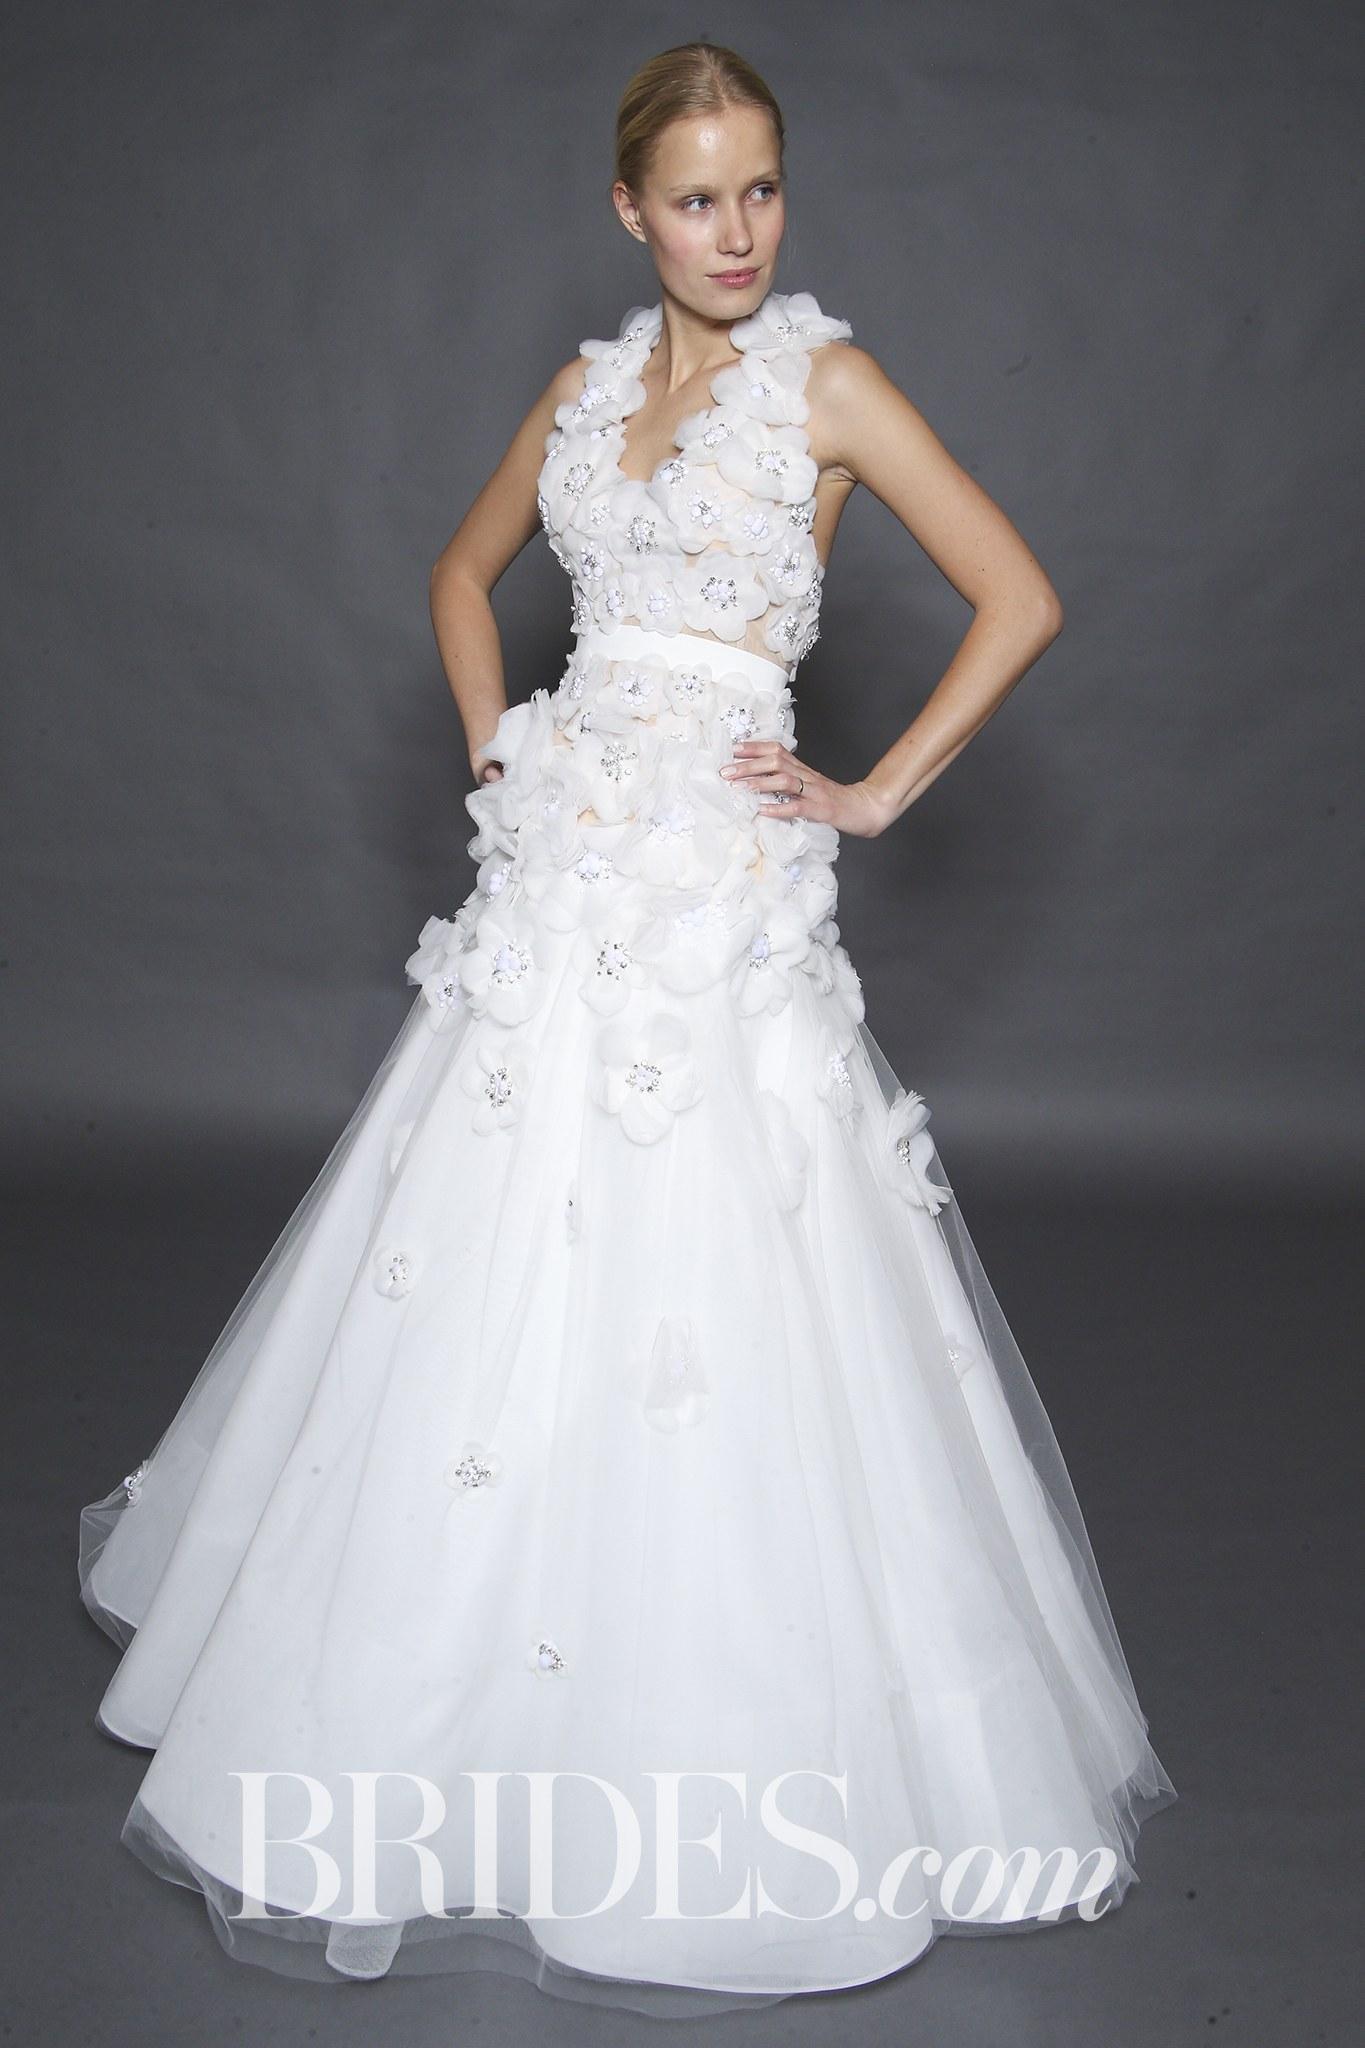 Ausgezeichnet Neueste Trends In Brautkleid Zeitgenössisch ...